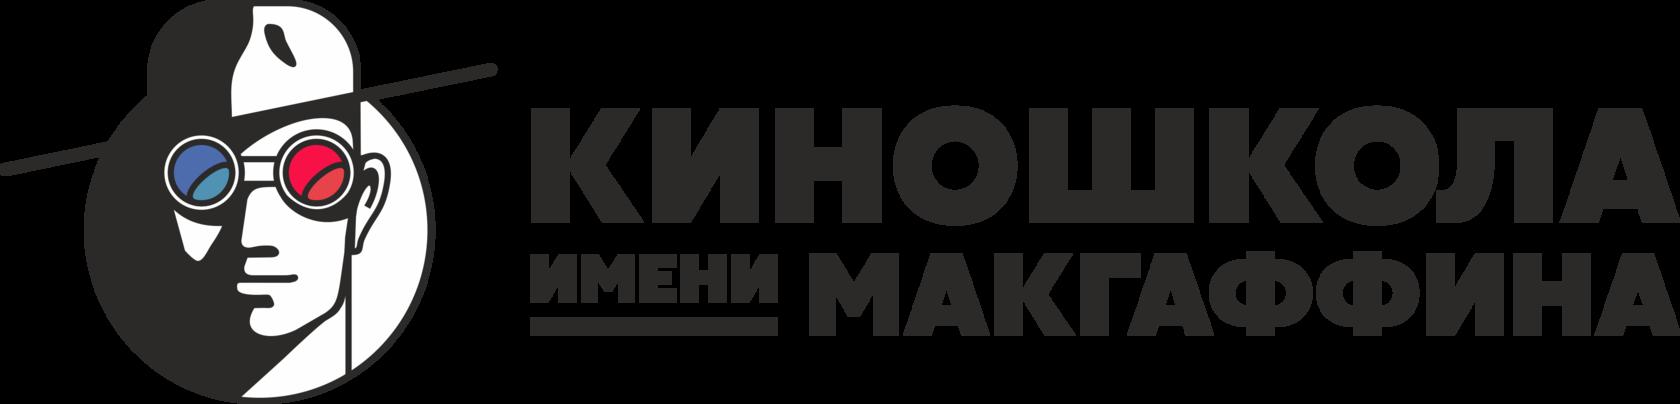 Киношкола им. МакГаффина